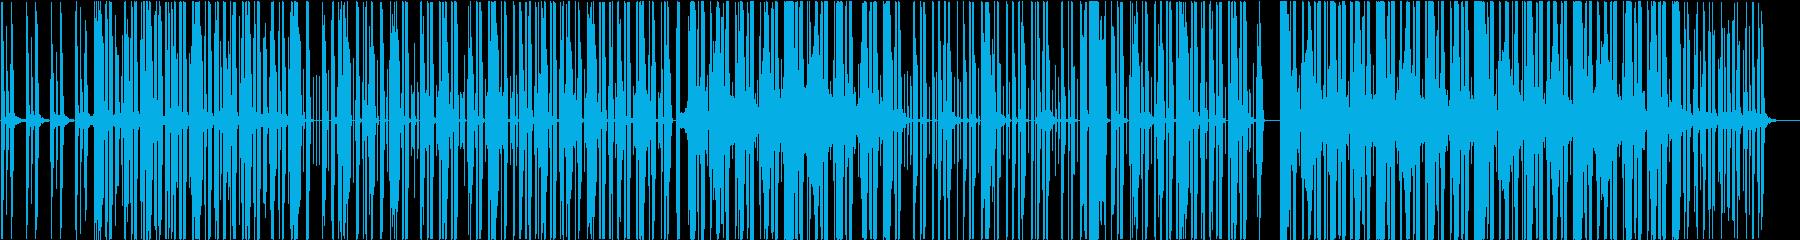 大人も聞ける洋楽サウンド、R&B的POPの再生済みの波形